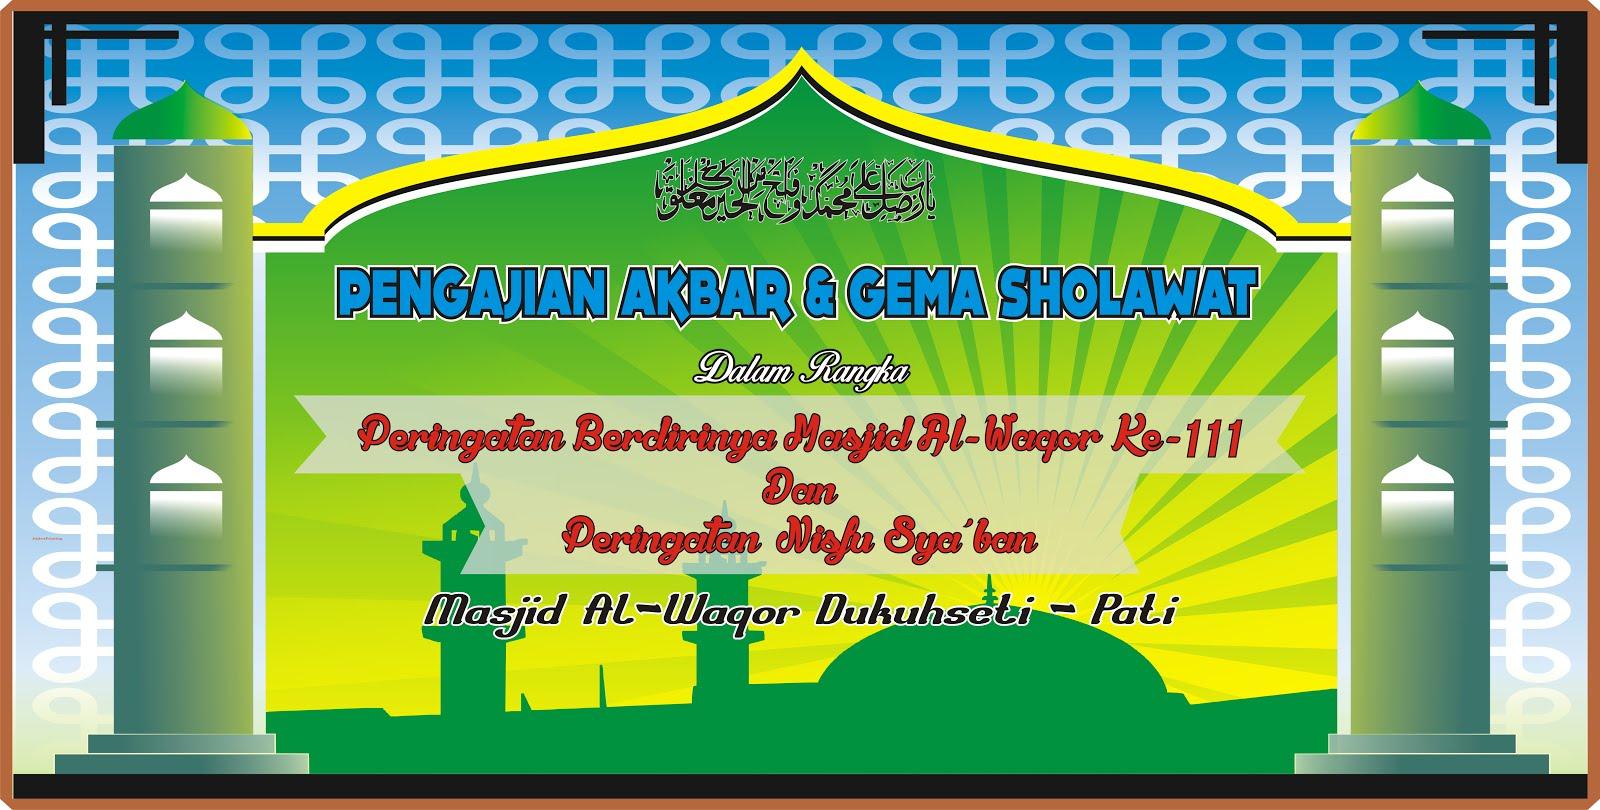 Contoh banner sholawat gema pengajian akbar